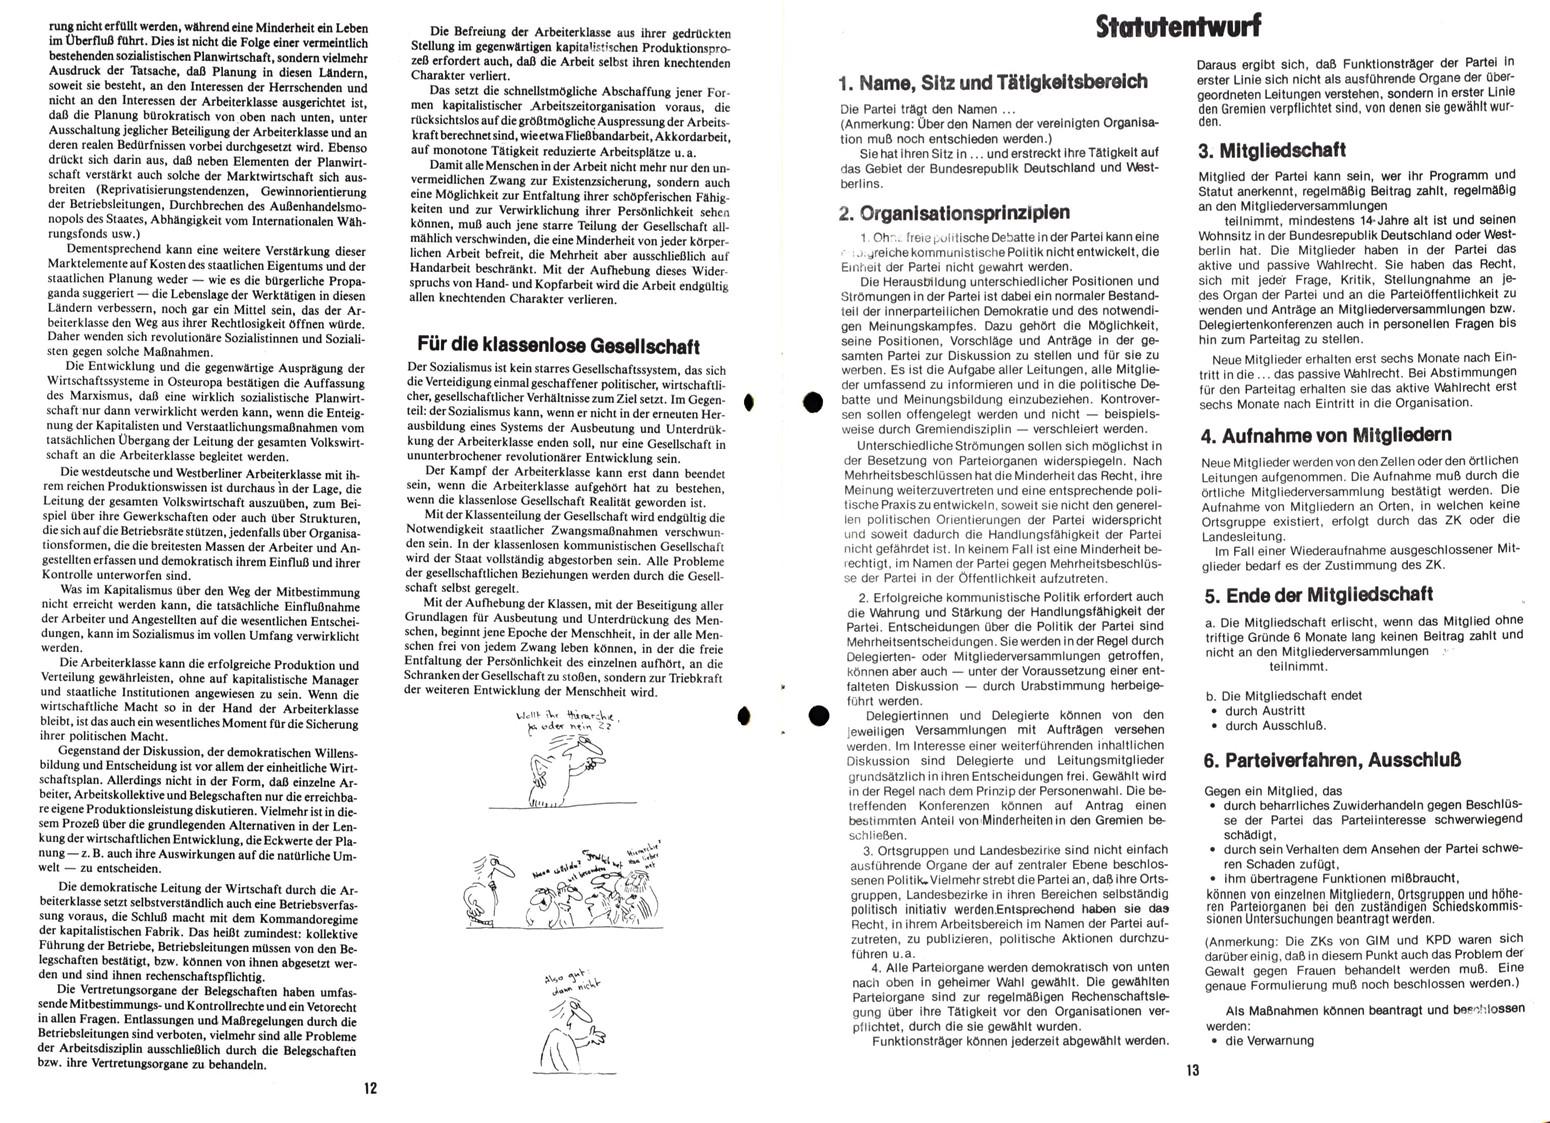 KPDML_GIM_1986_Dokumente_zur_Vereinigung_07